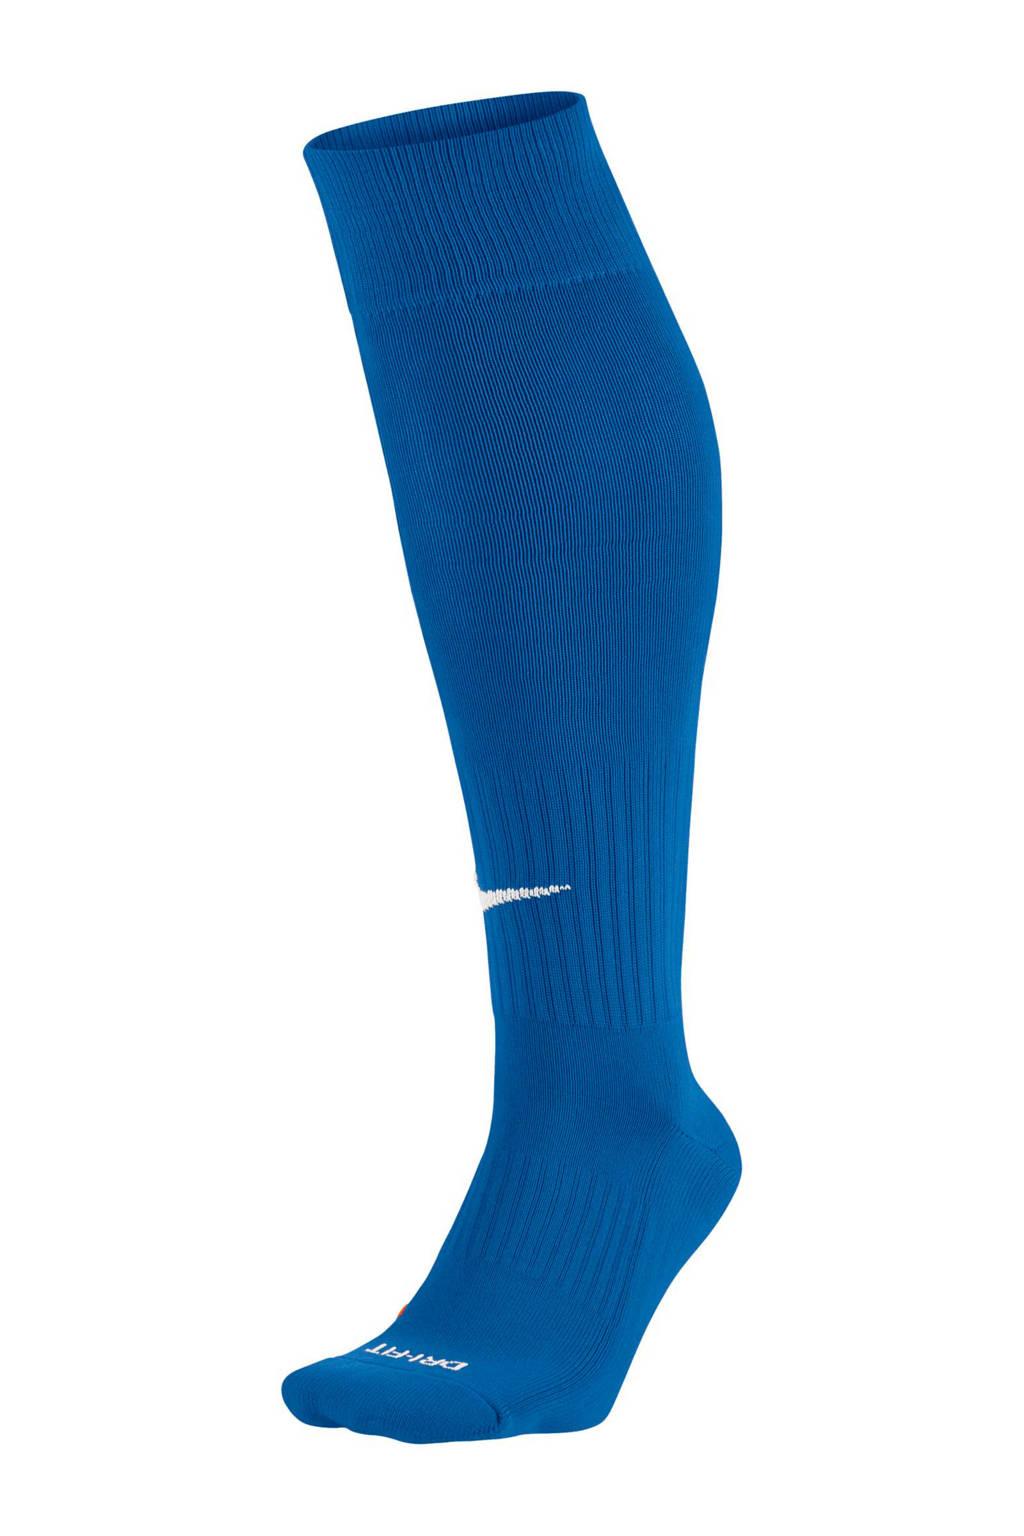 Nike   voetbalsokken blauw, Blauw